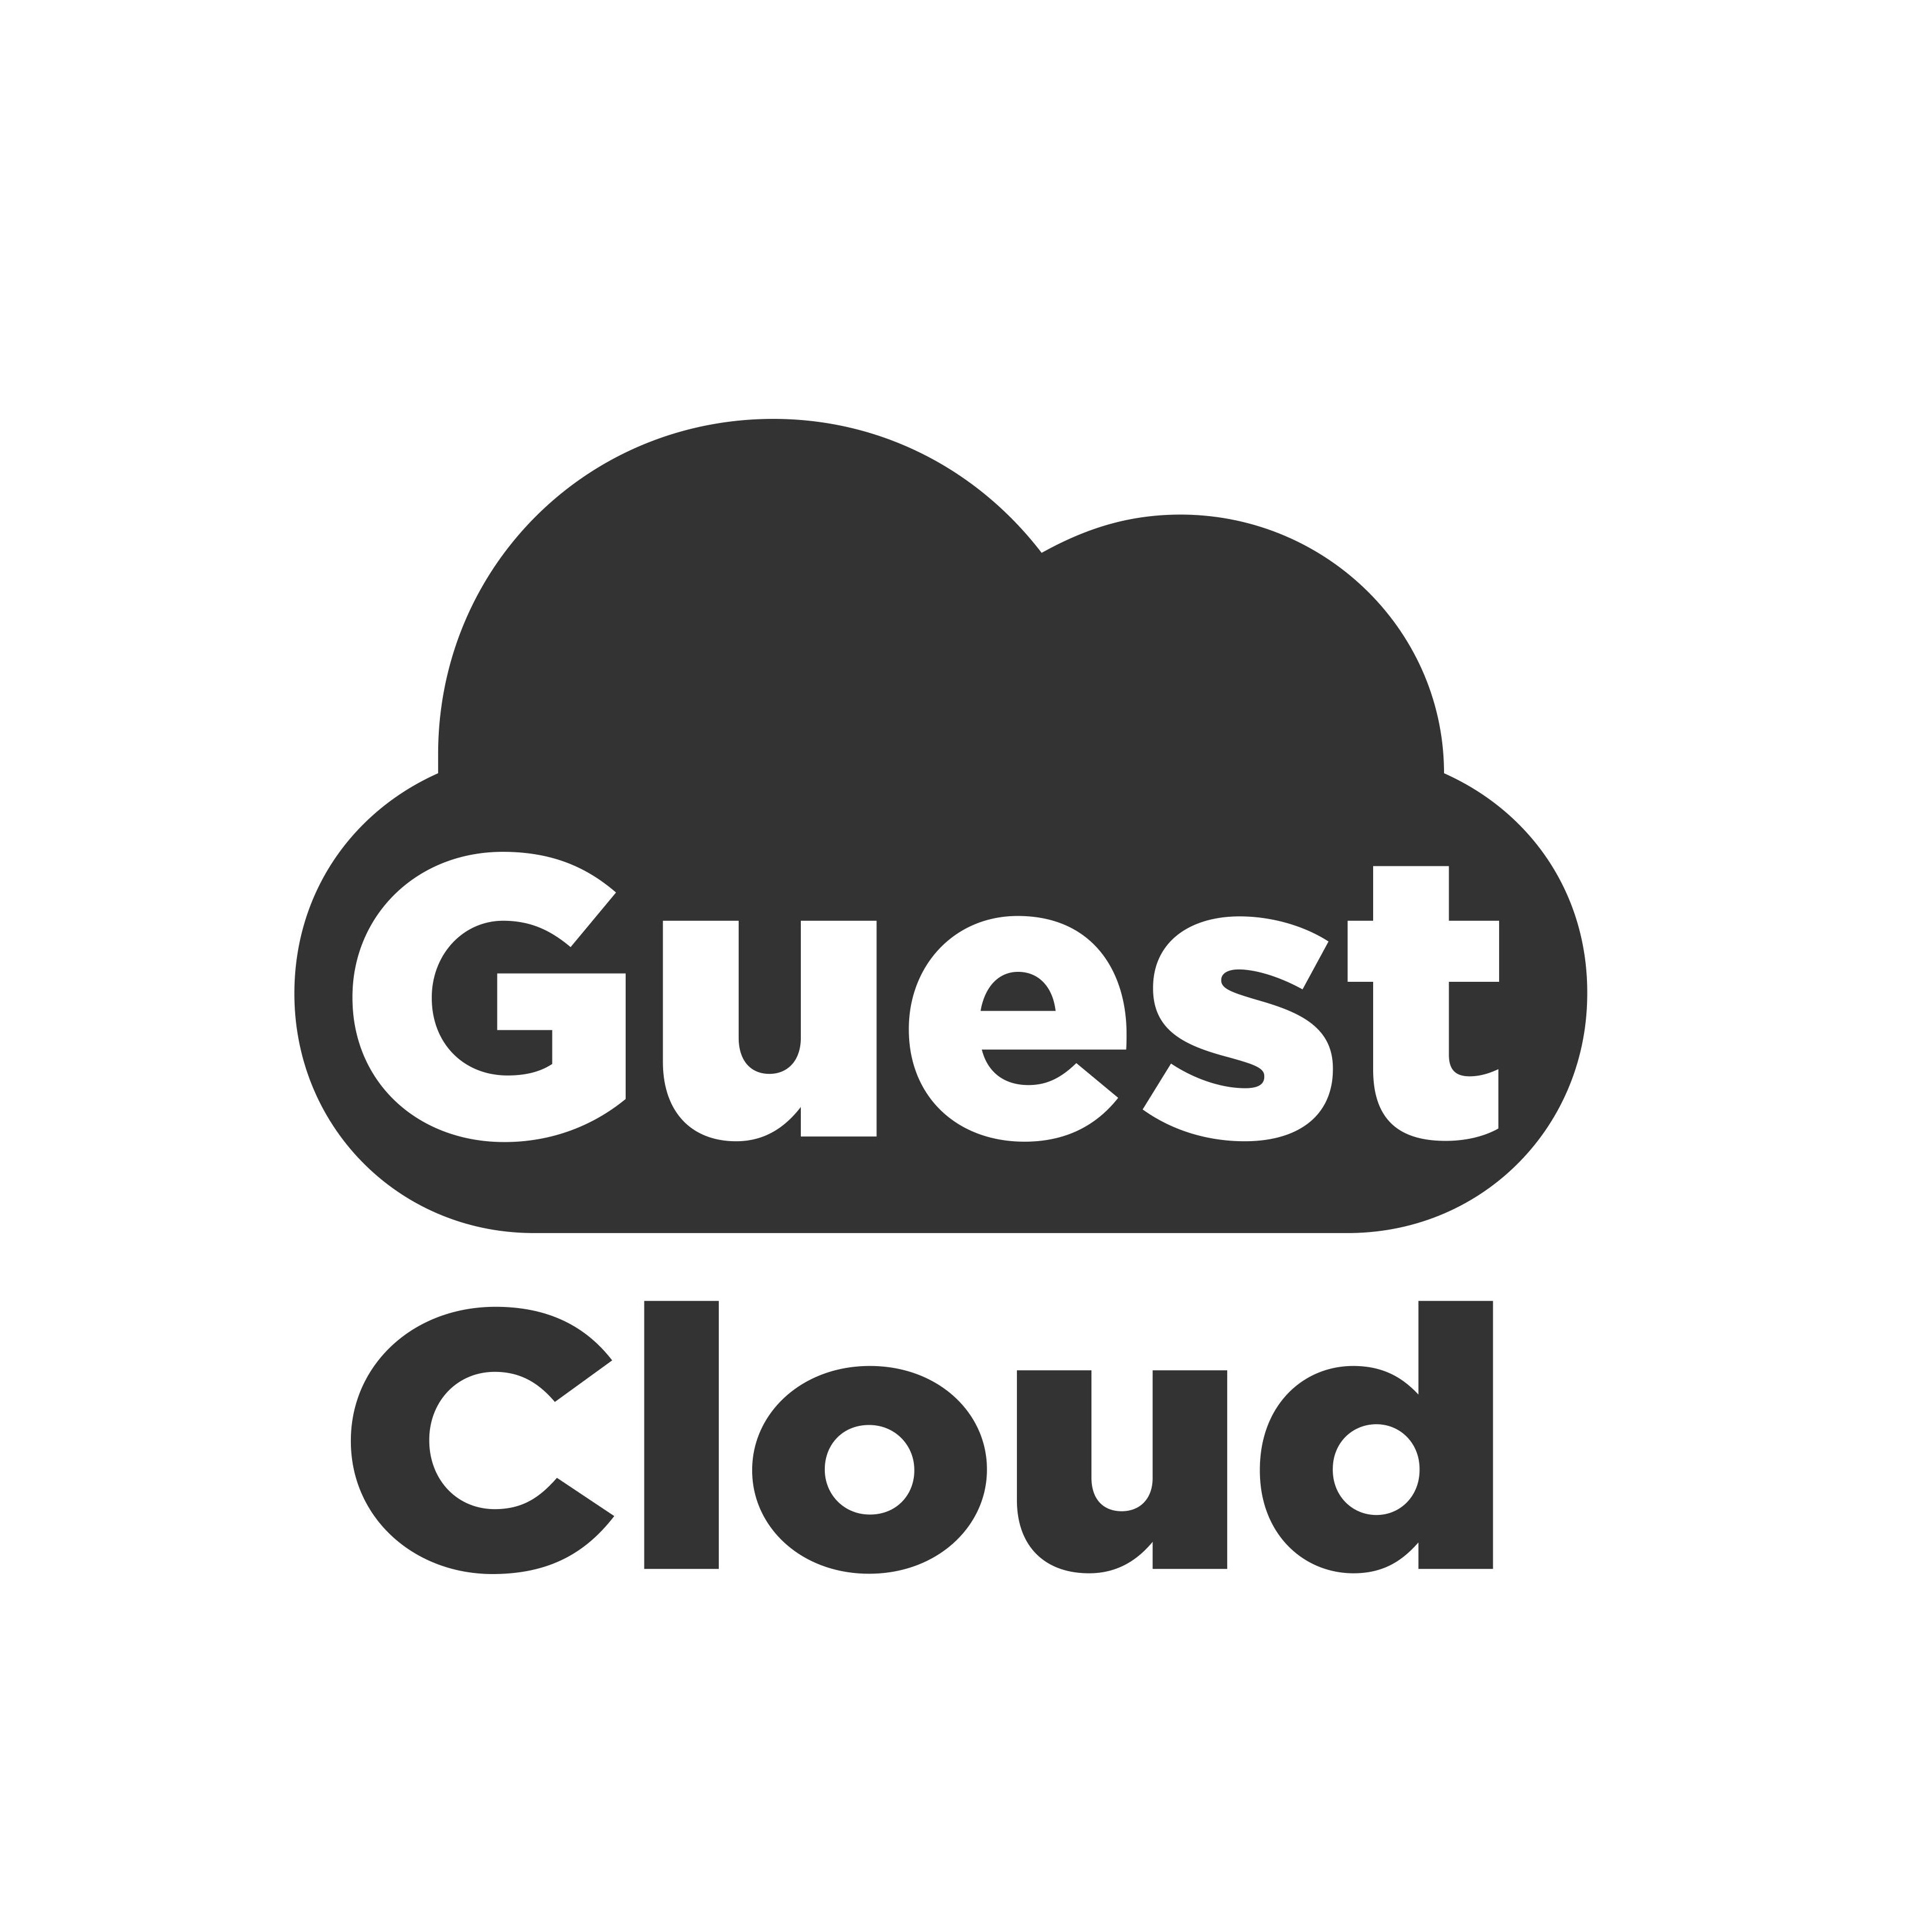 guest cloud